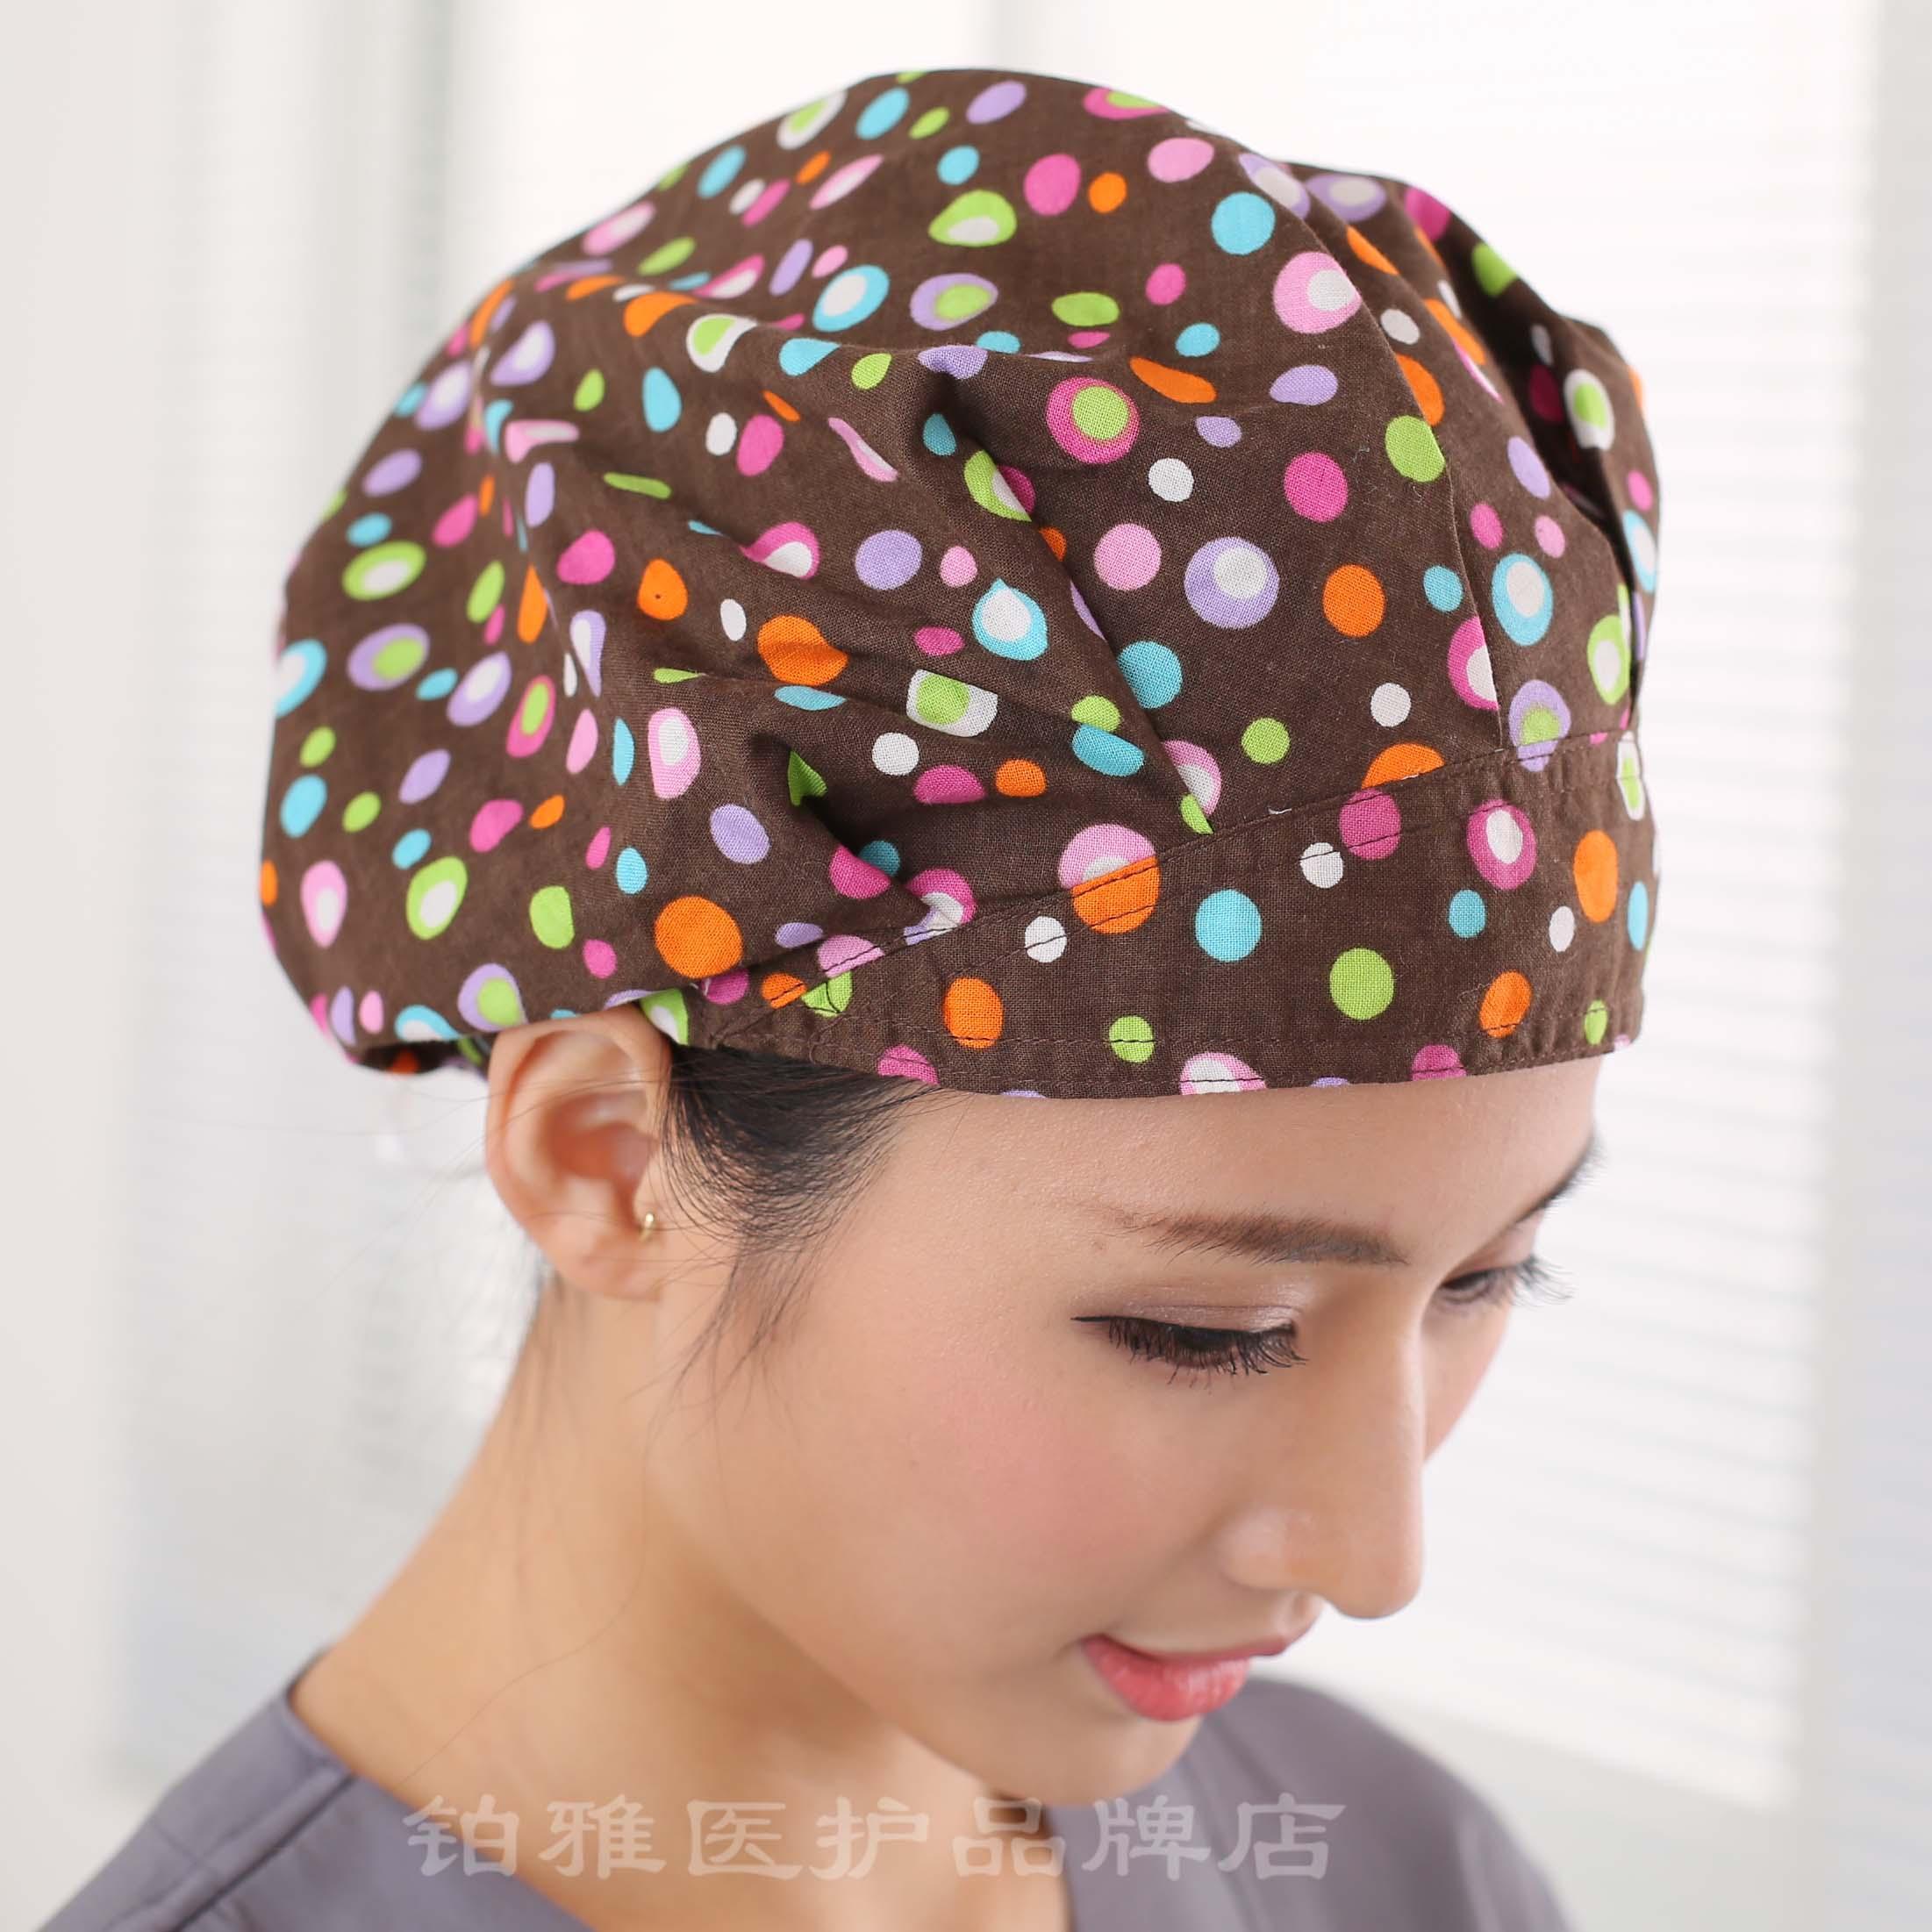 Shishang renda elastis percobaan bersih topi topi bedah (Model D Masker)